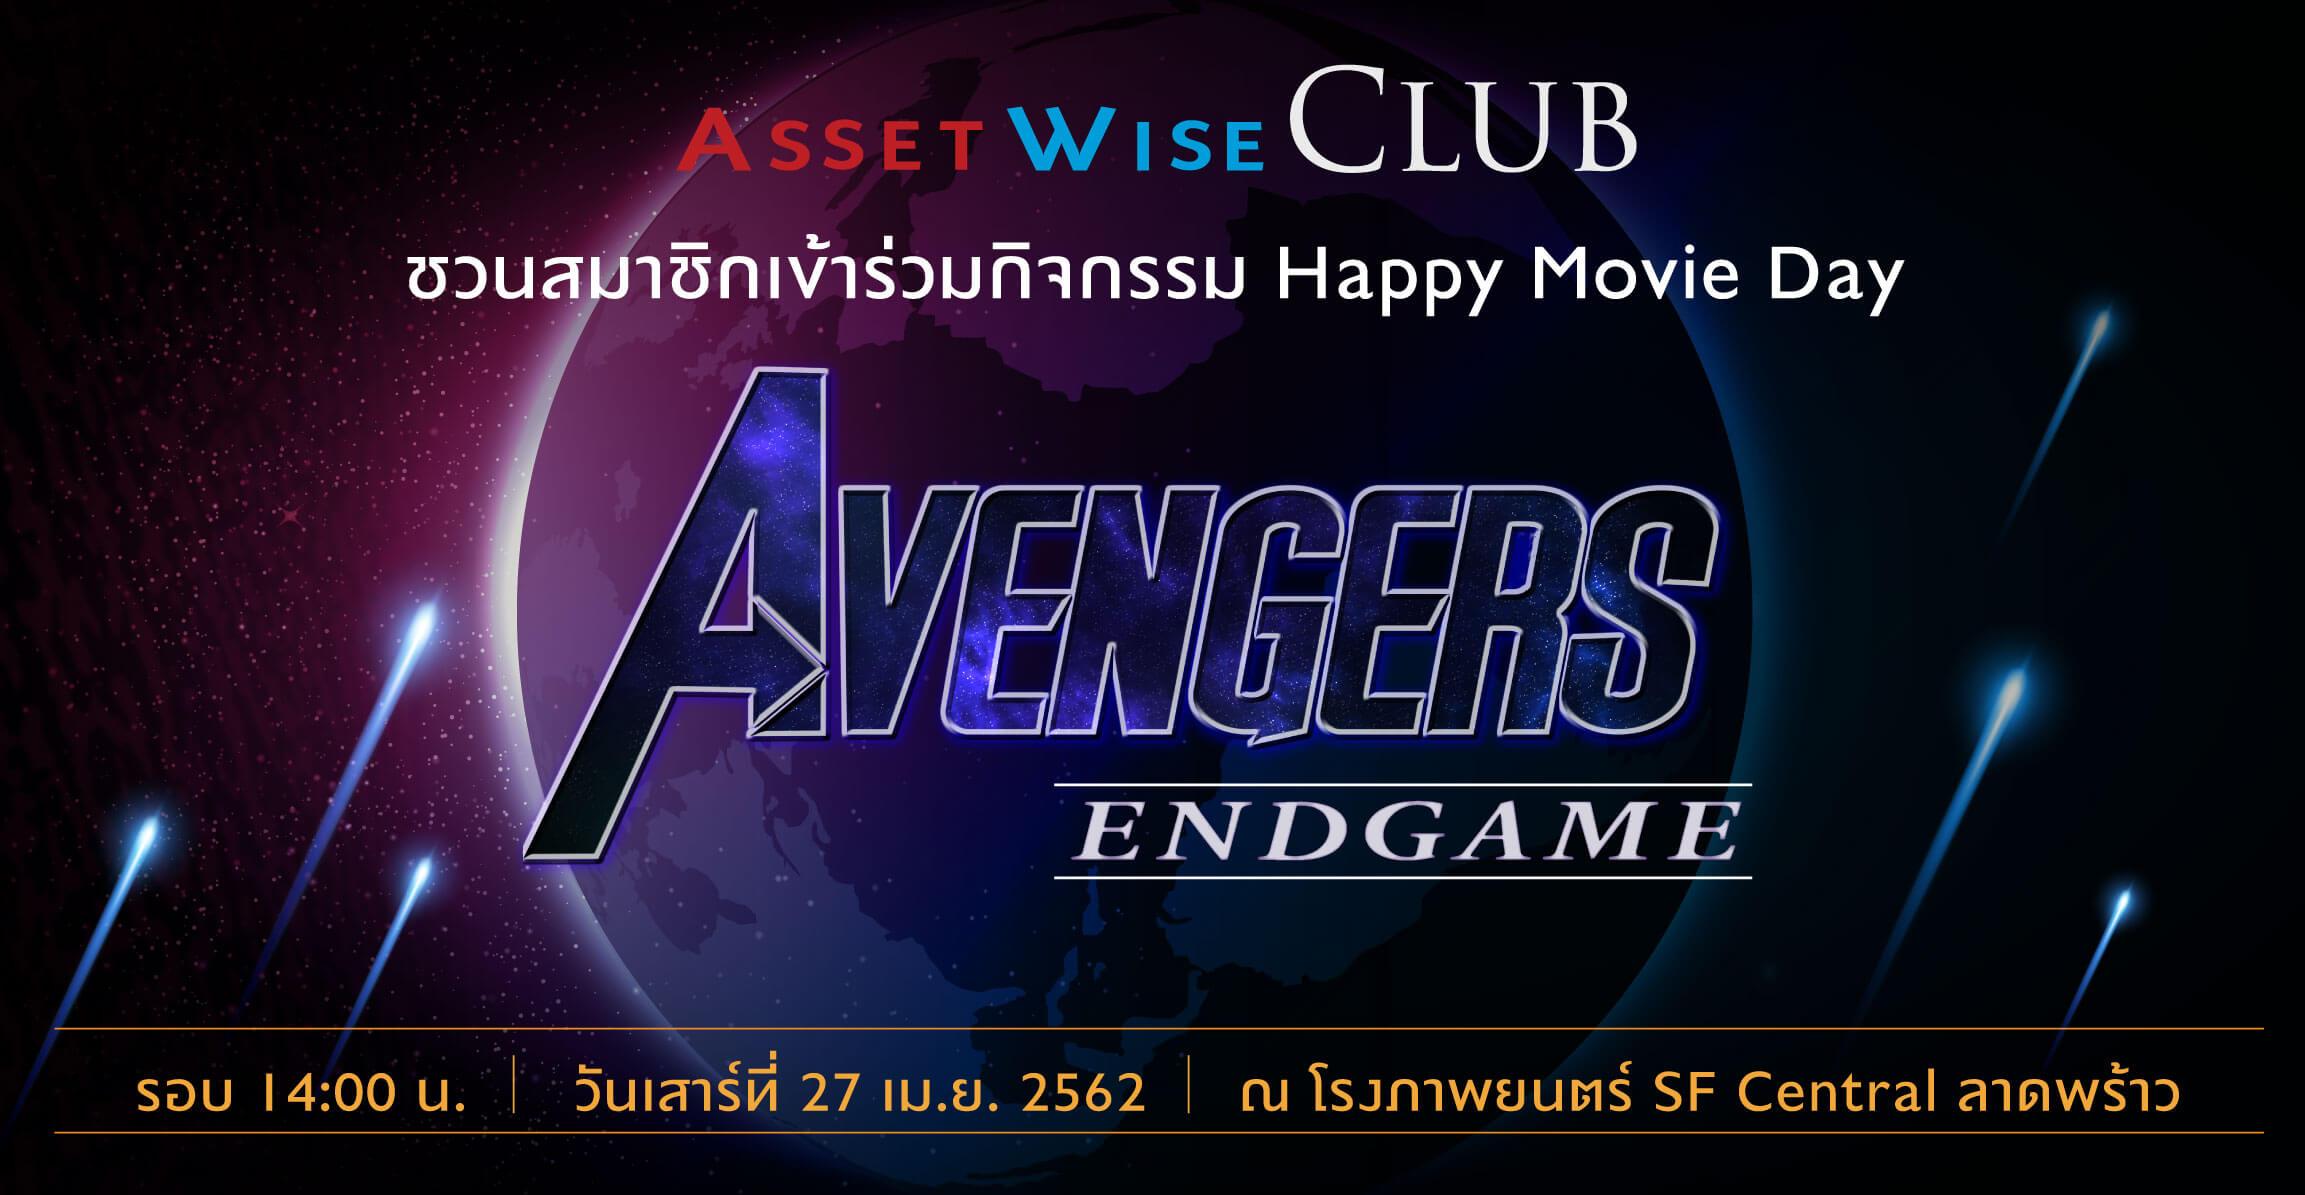 ประกาศรายชื่อผู้โชคดี กับกิจกรรม Happy Movie Day ครั้งที่ 3